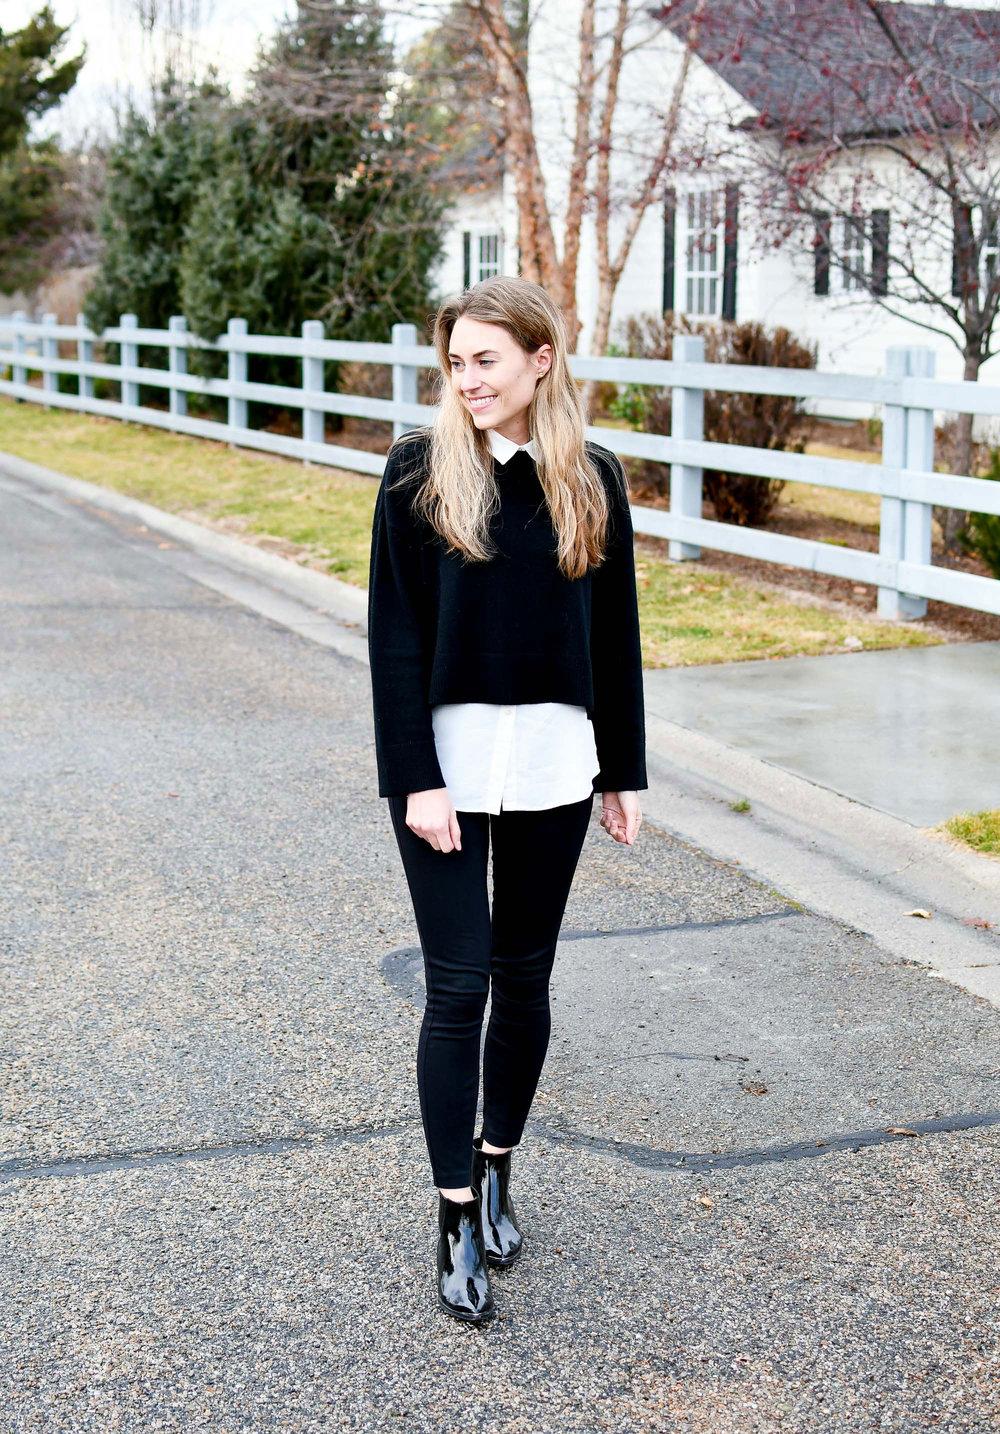 bf0dcc07296 J.Crew Pixie pants winter outfit — Cotton Cashmere Cat Hair